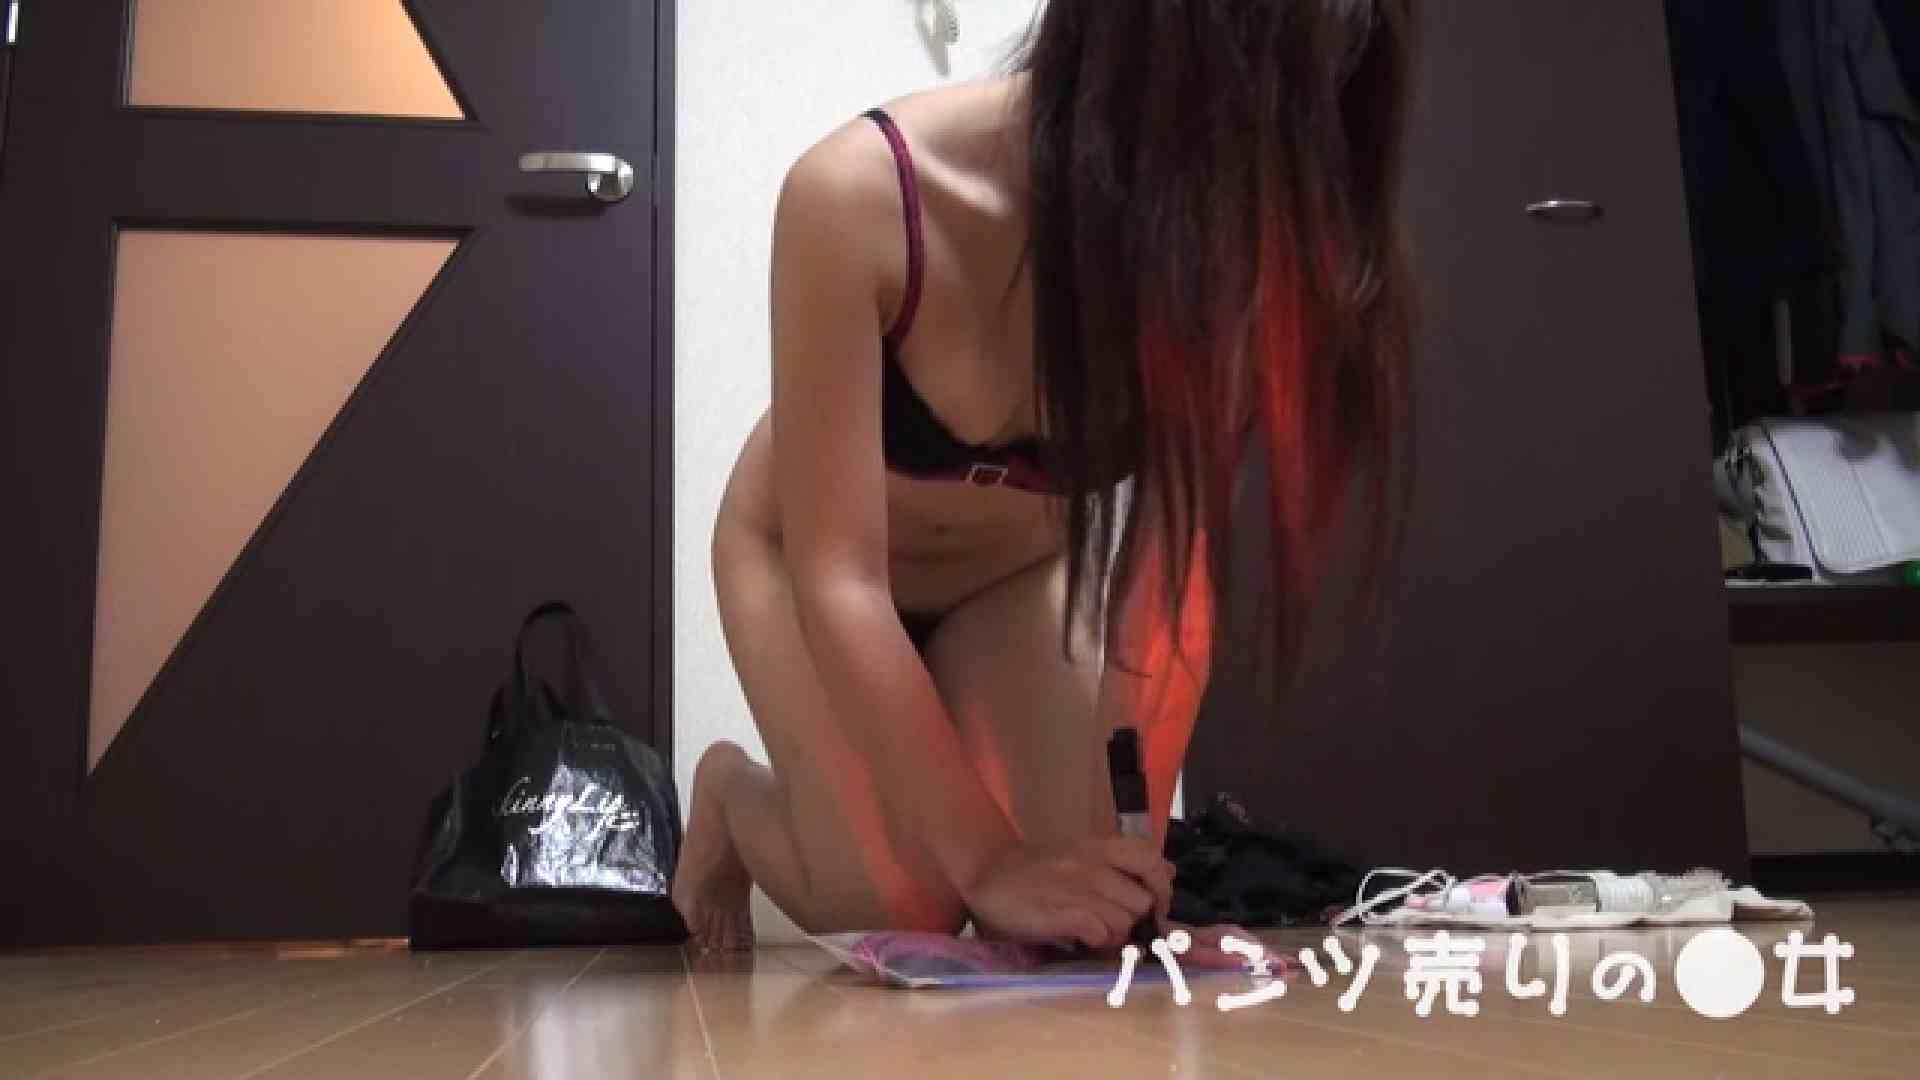 新説 パンツ売りの女の子ayu 一般投稿  20連発 20